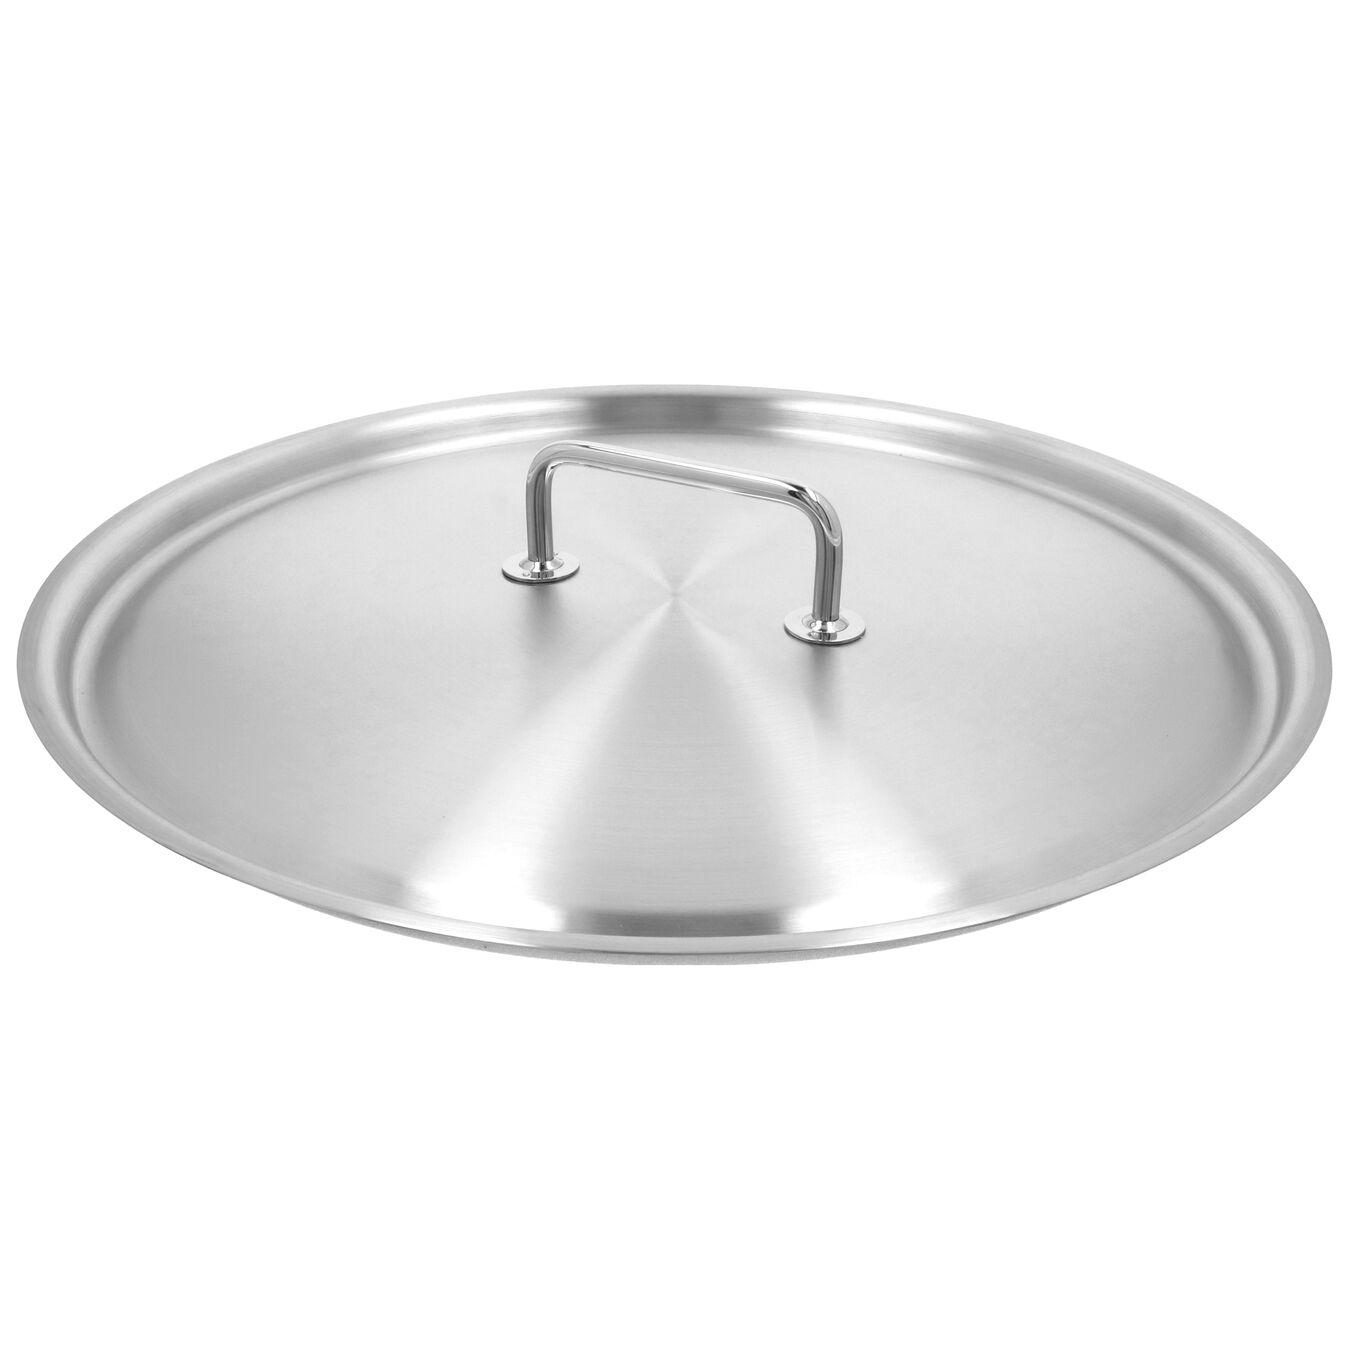 Kapak Paella Tavası için | 18/10 Paslanmaz Çelik | 46 cm,,large 1